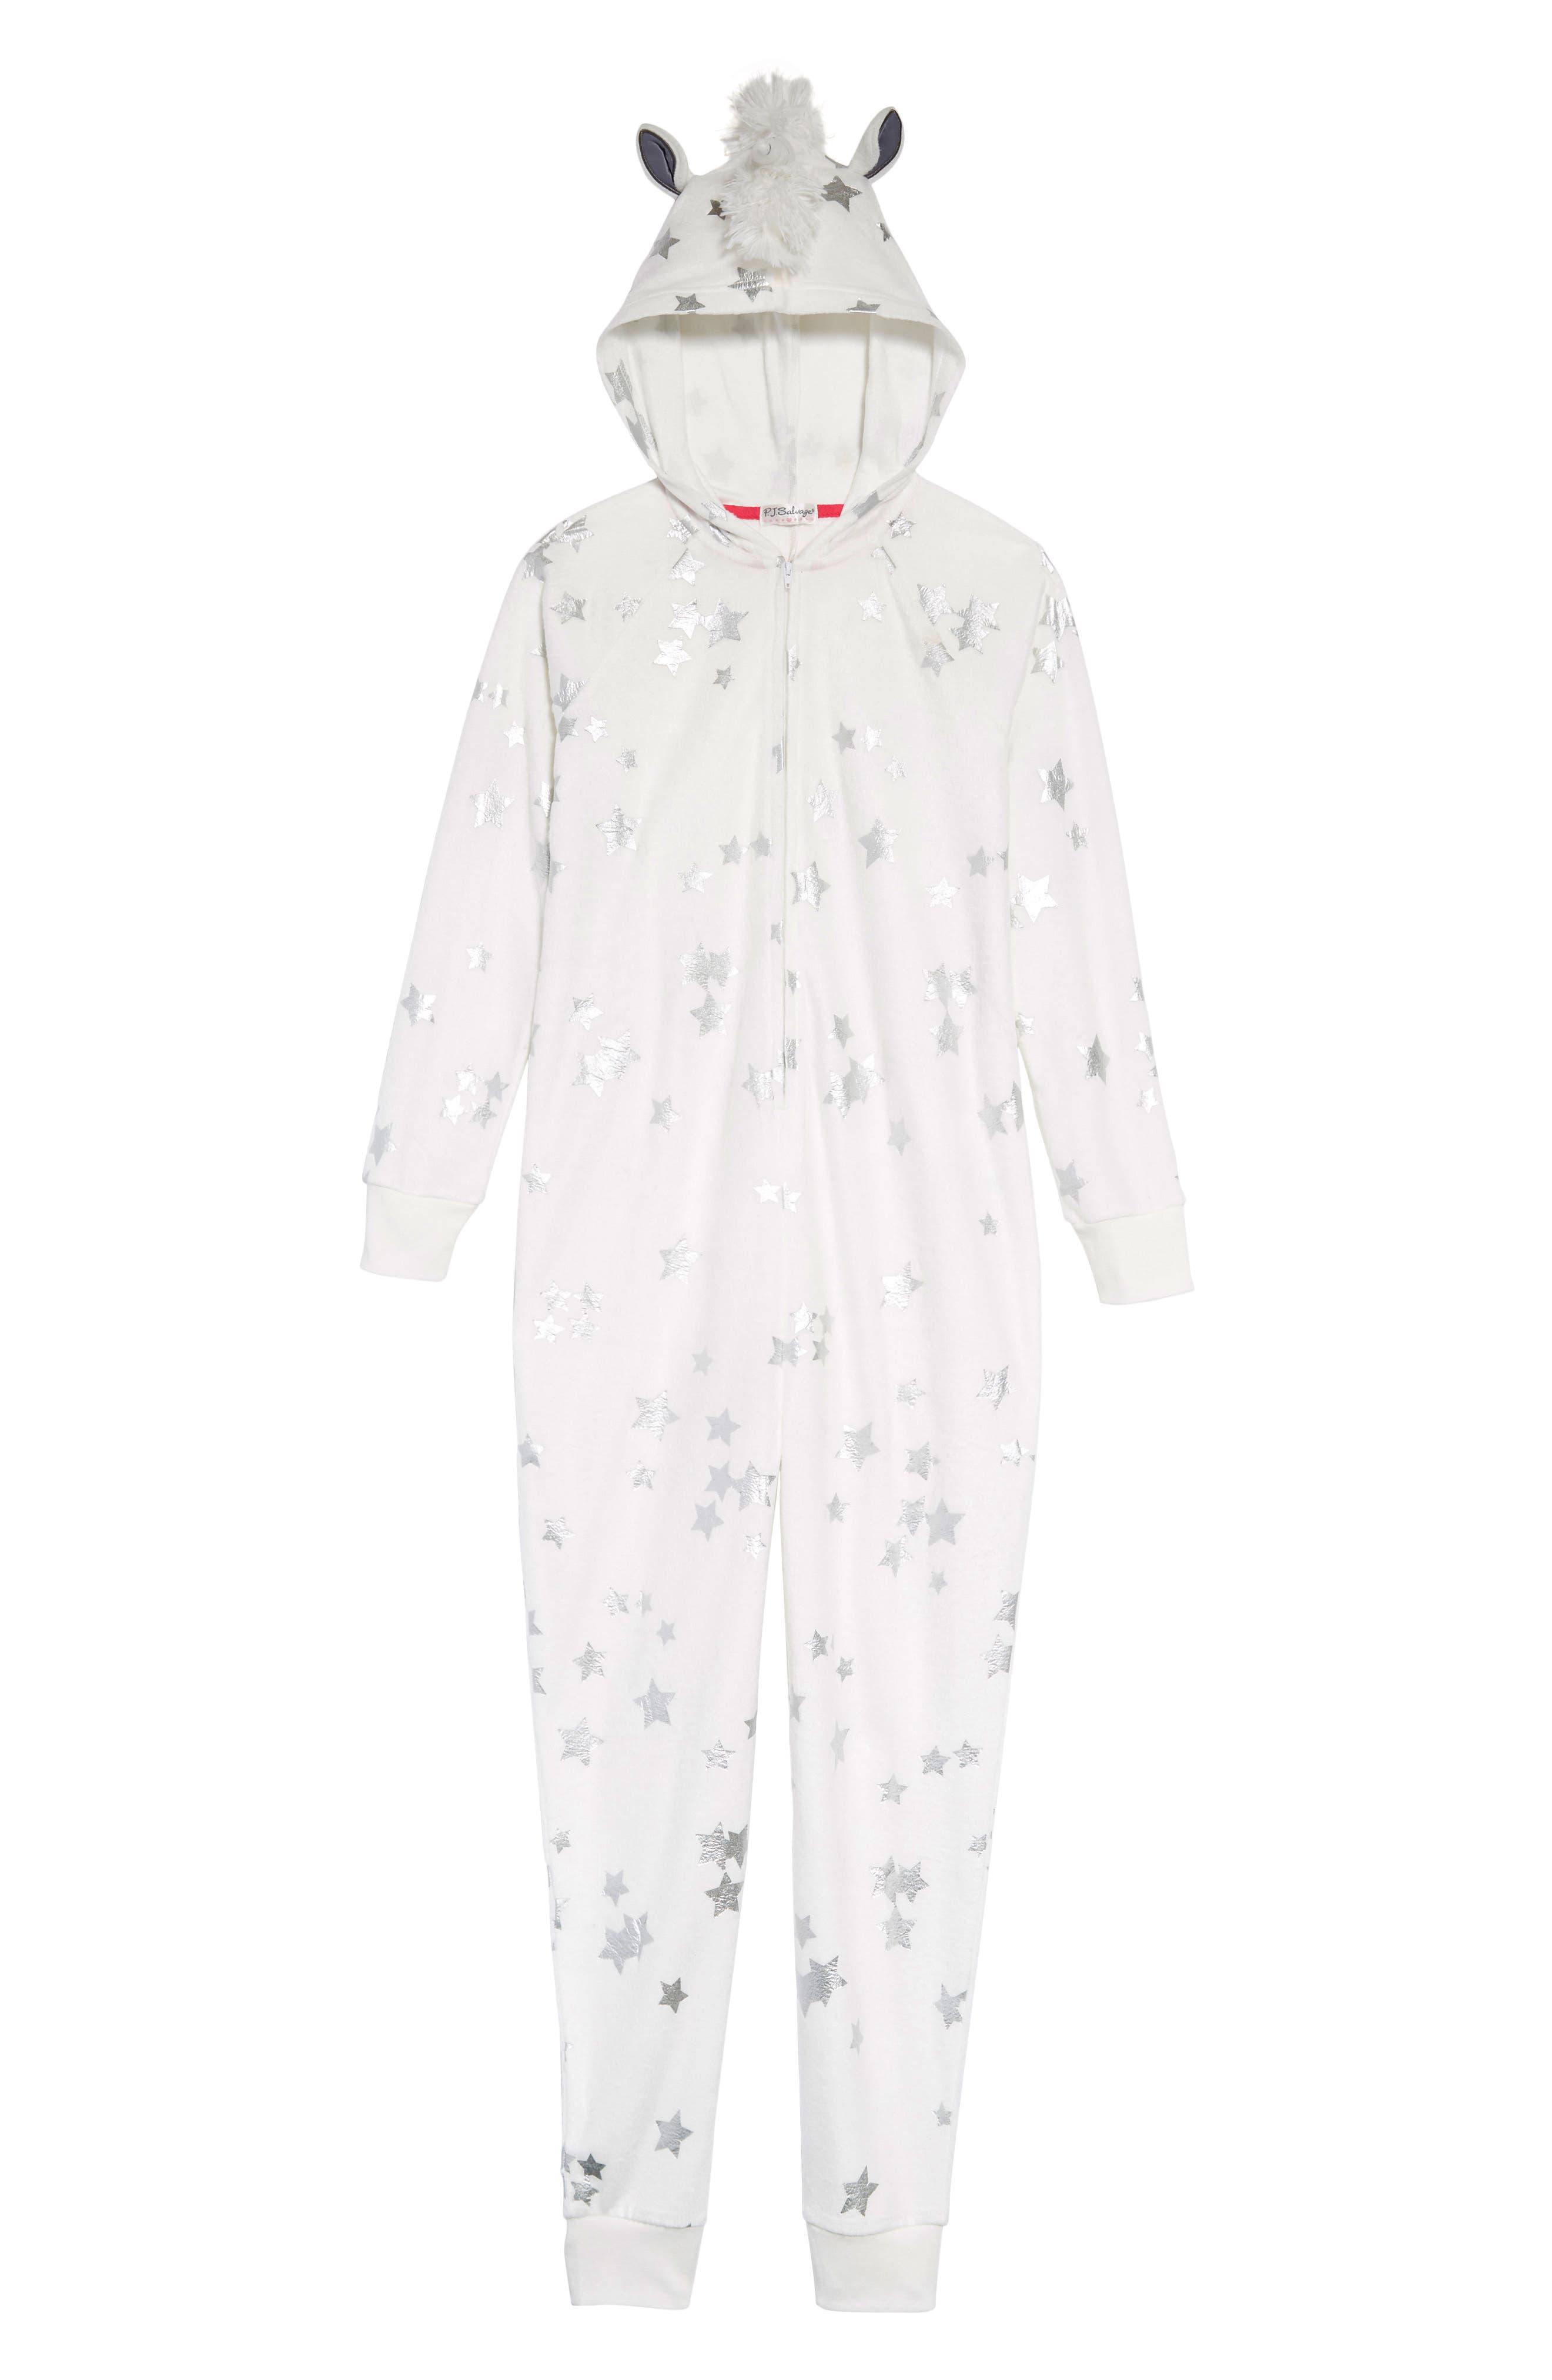 Girls Pj Salvage Unicorn OnePiece Pajamas